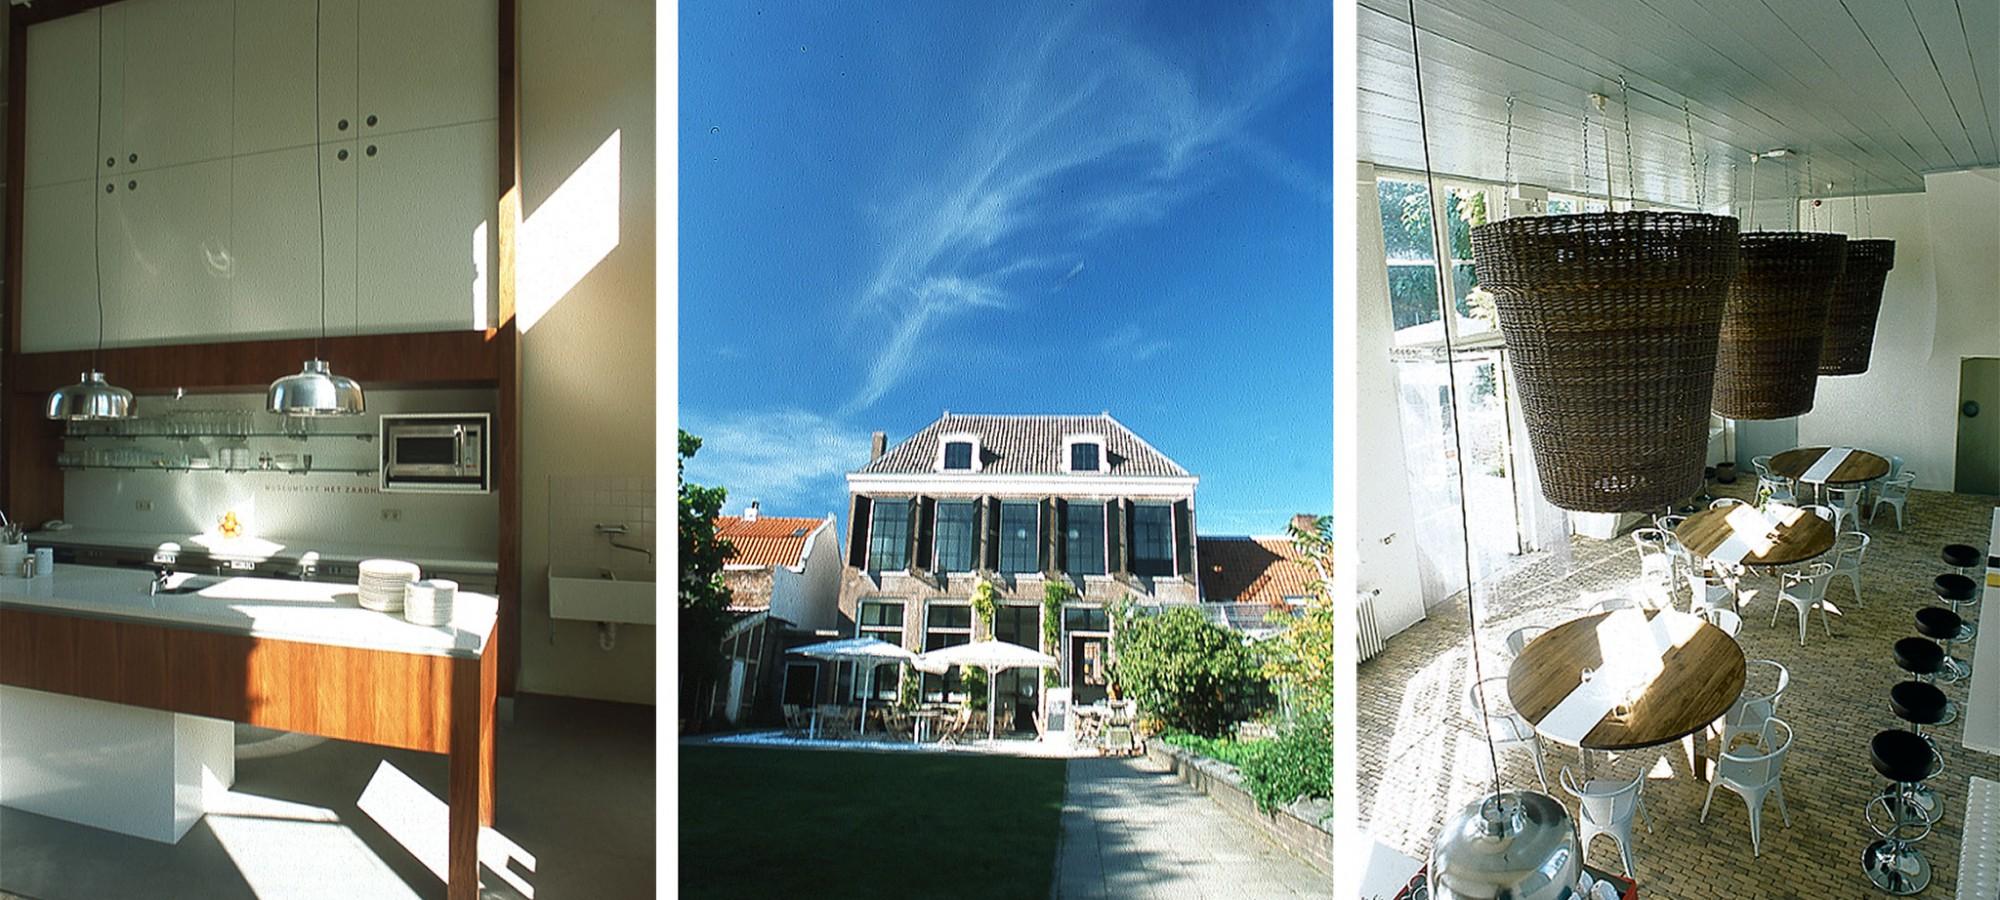 Zaadhuis museumcafé, Utrecht © drost + van veen architecten bv